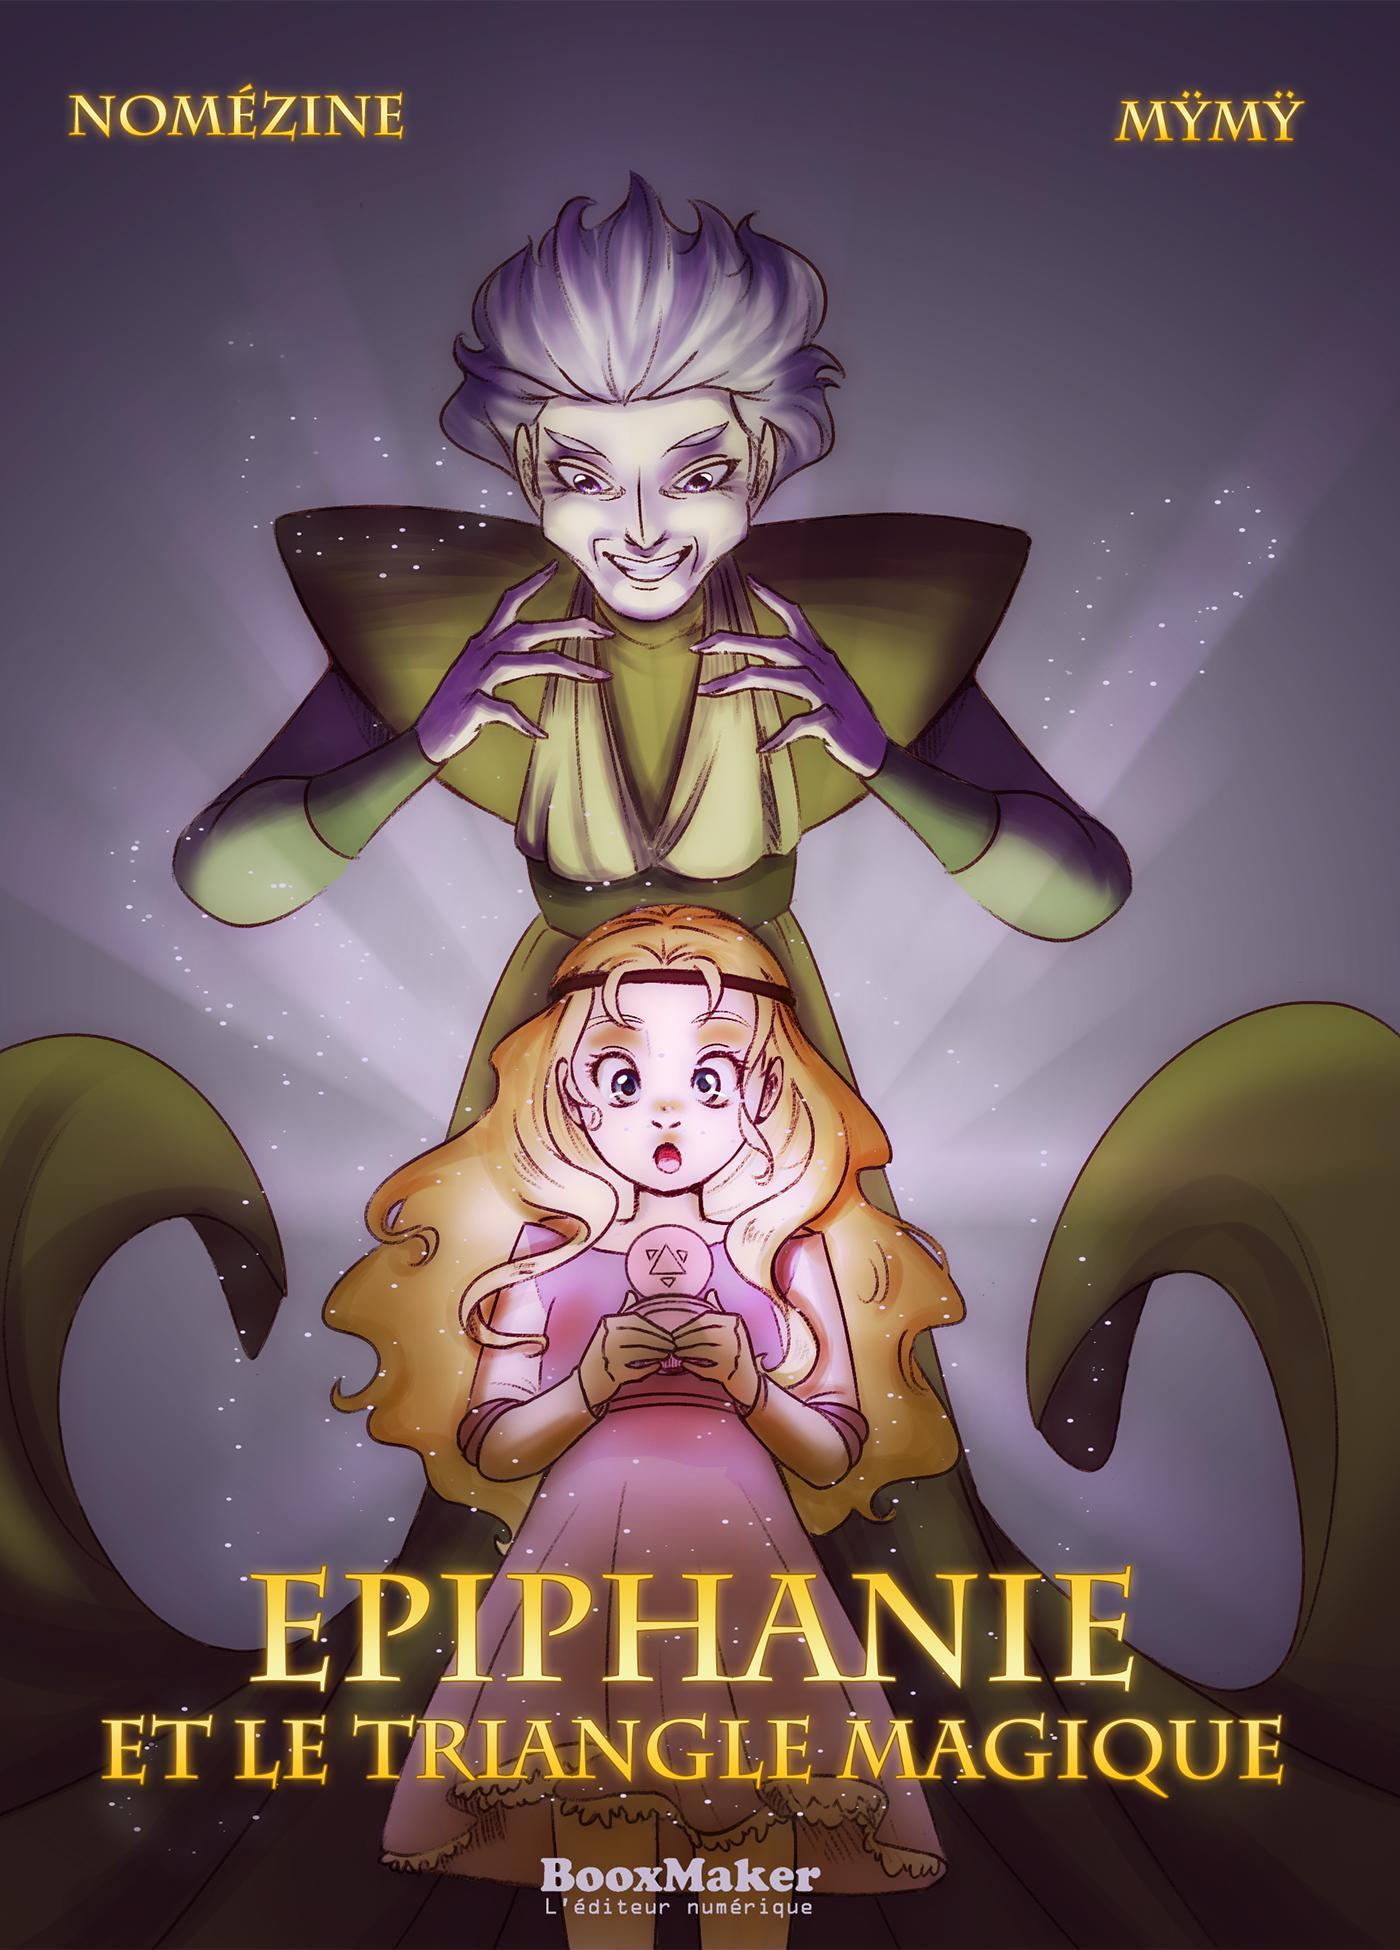 Epiphanie et le triangle magique